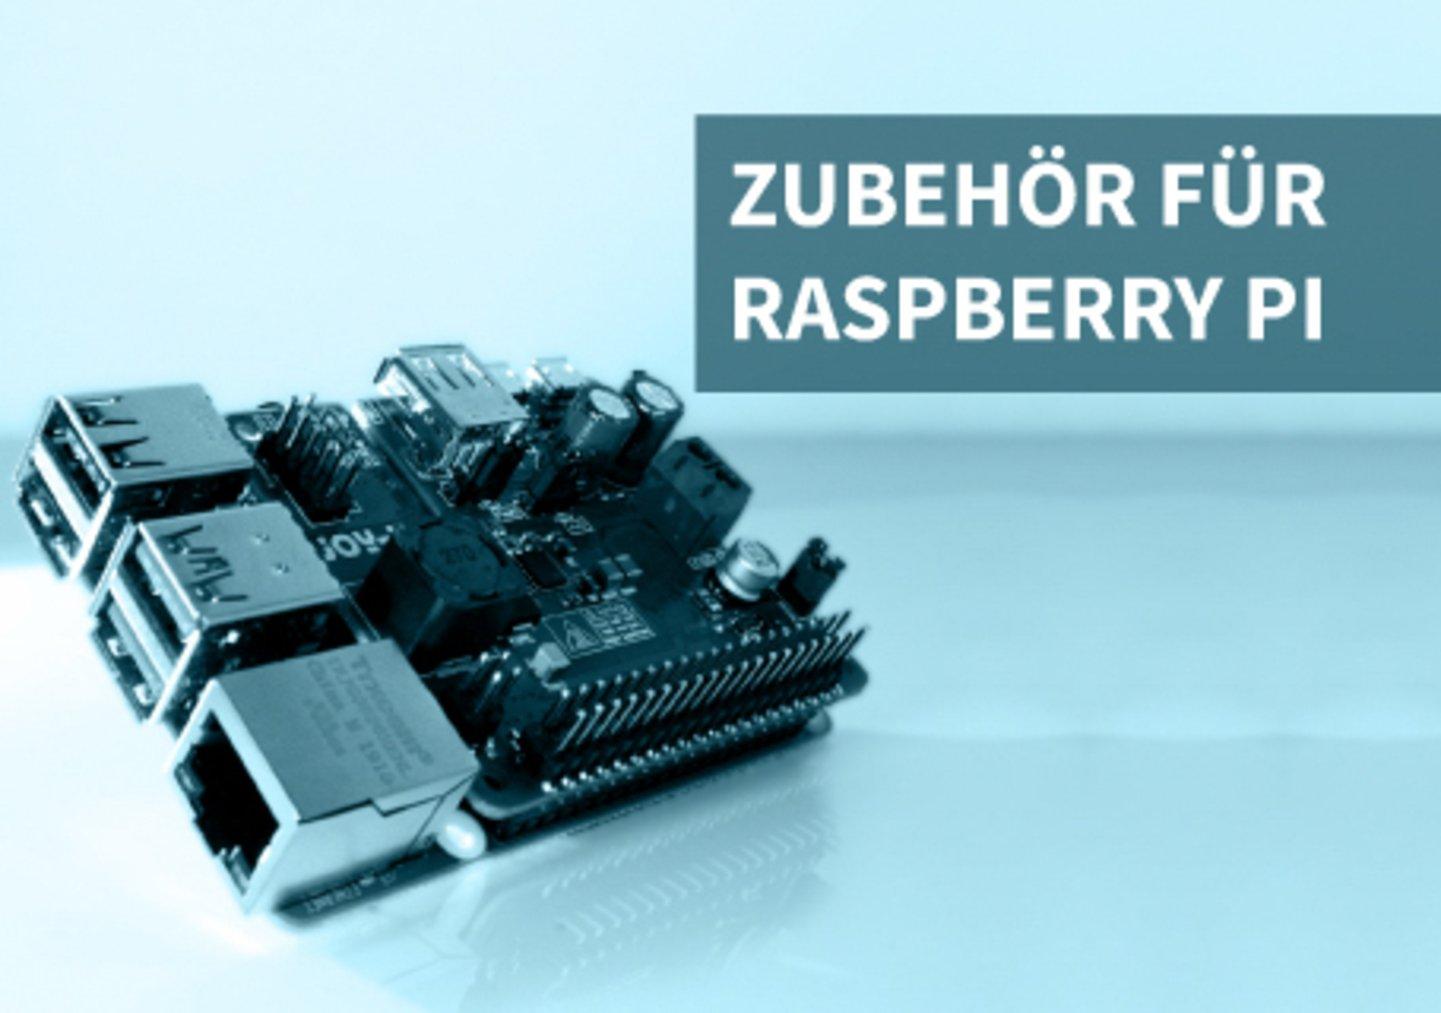 Zubehör für Raspberry Pi